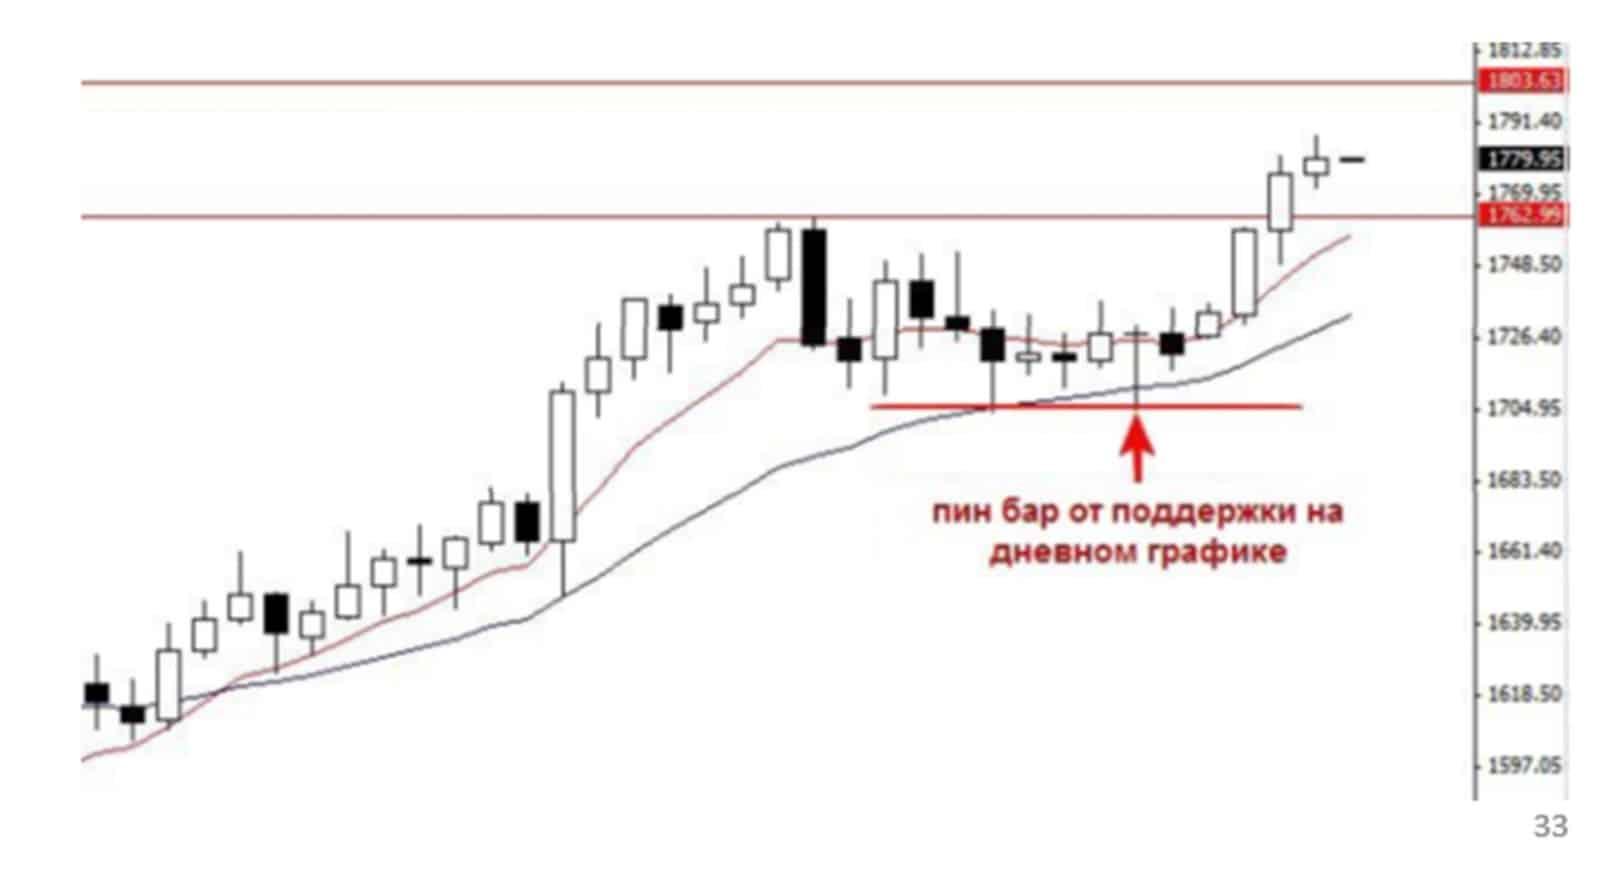 day 01 1 Дневные графики   грааль среди торговых стратегий